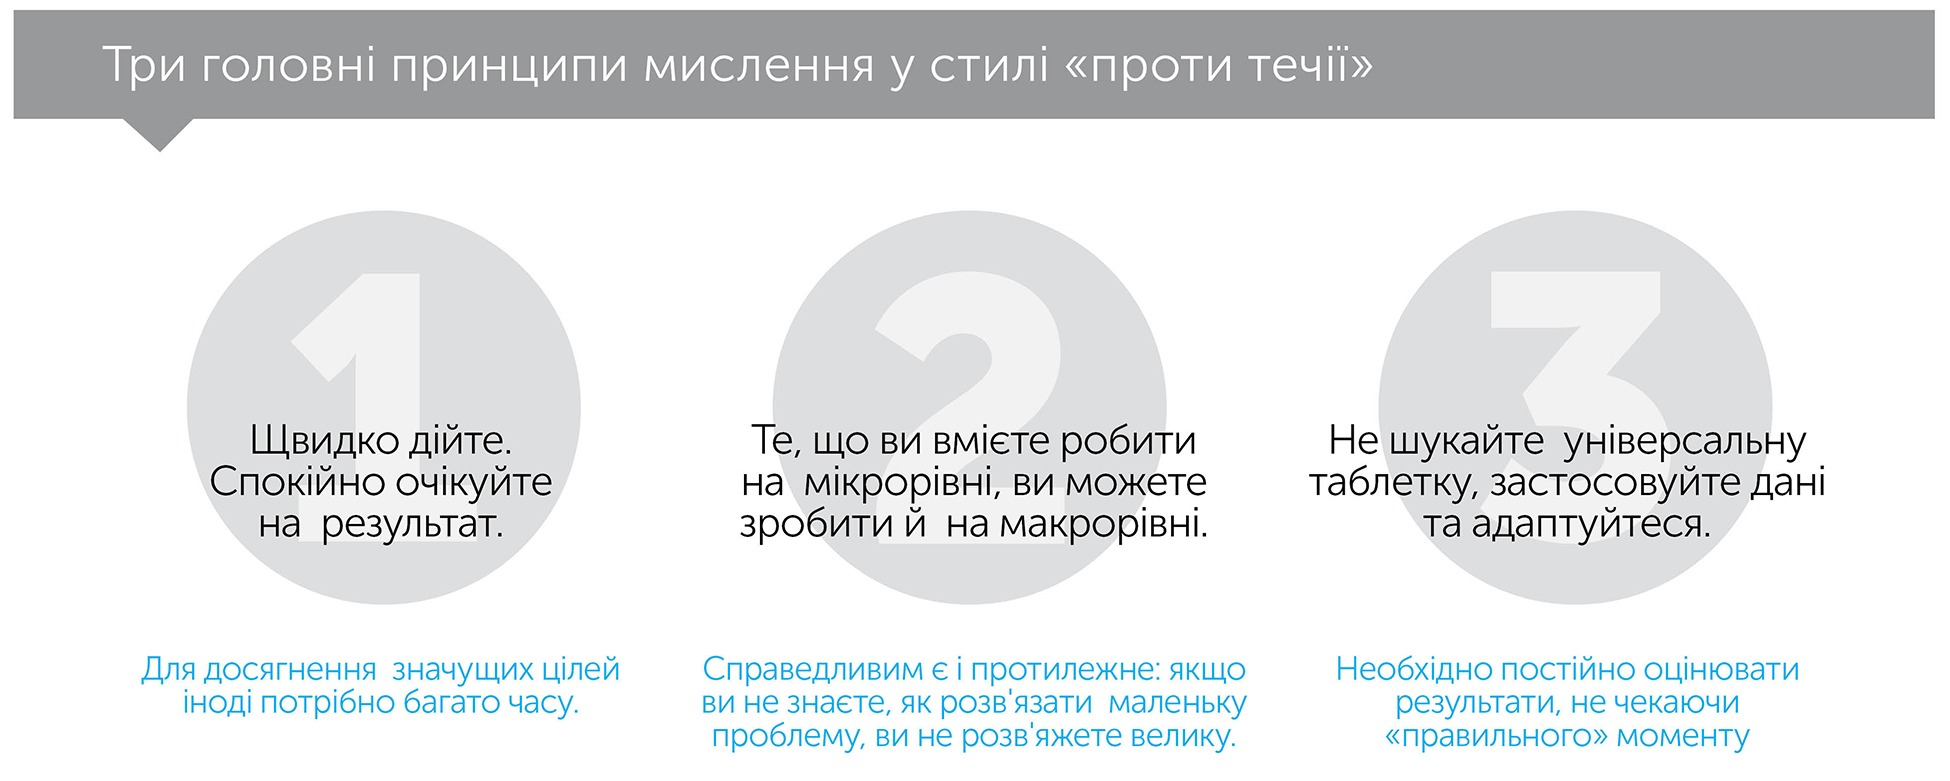 Проти течії, автор Ден Хіт | Kyivstar Business Hub, зображення №2